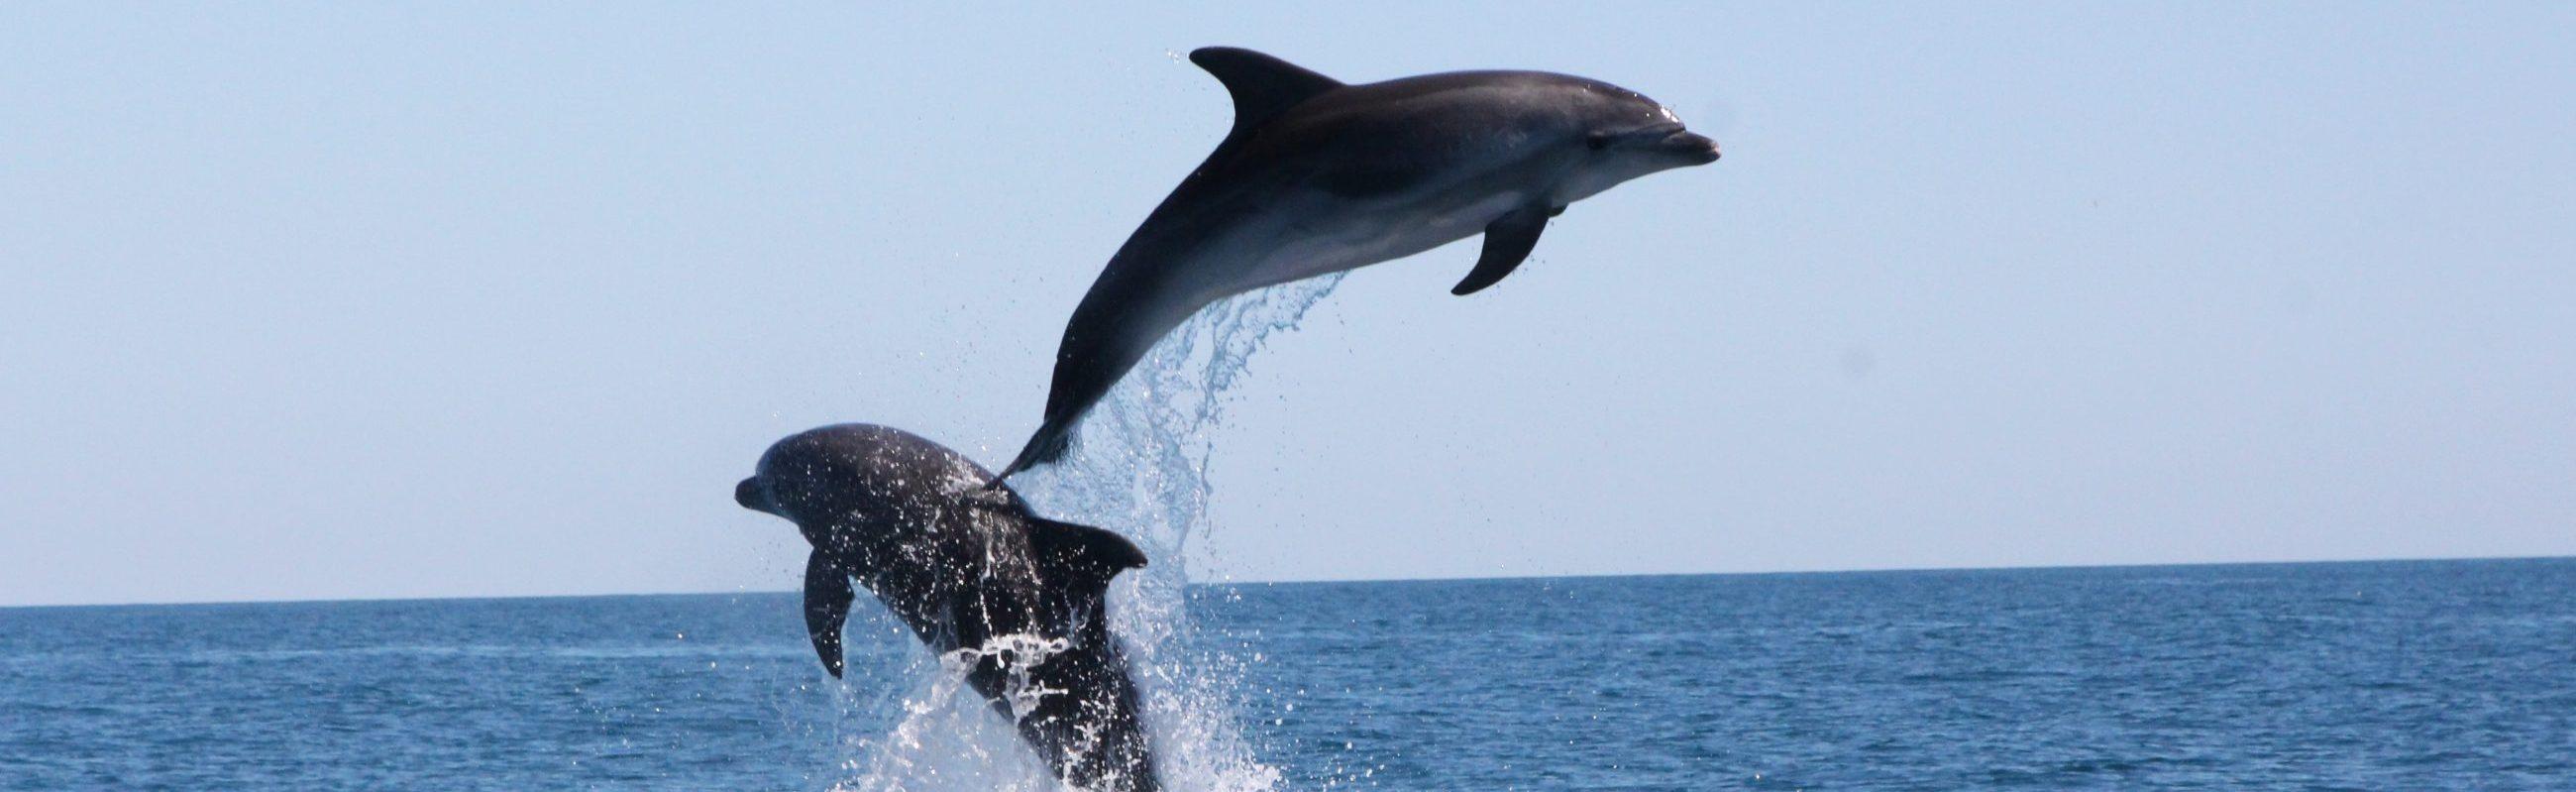 bon cadeau observation du grand dauphin à bord du catamaran navivoile au large de port vendres